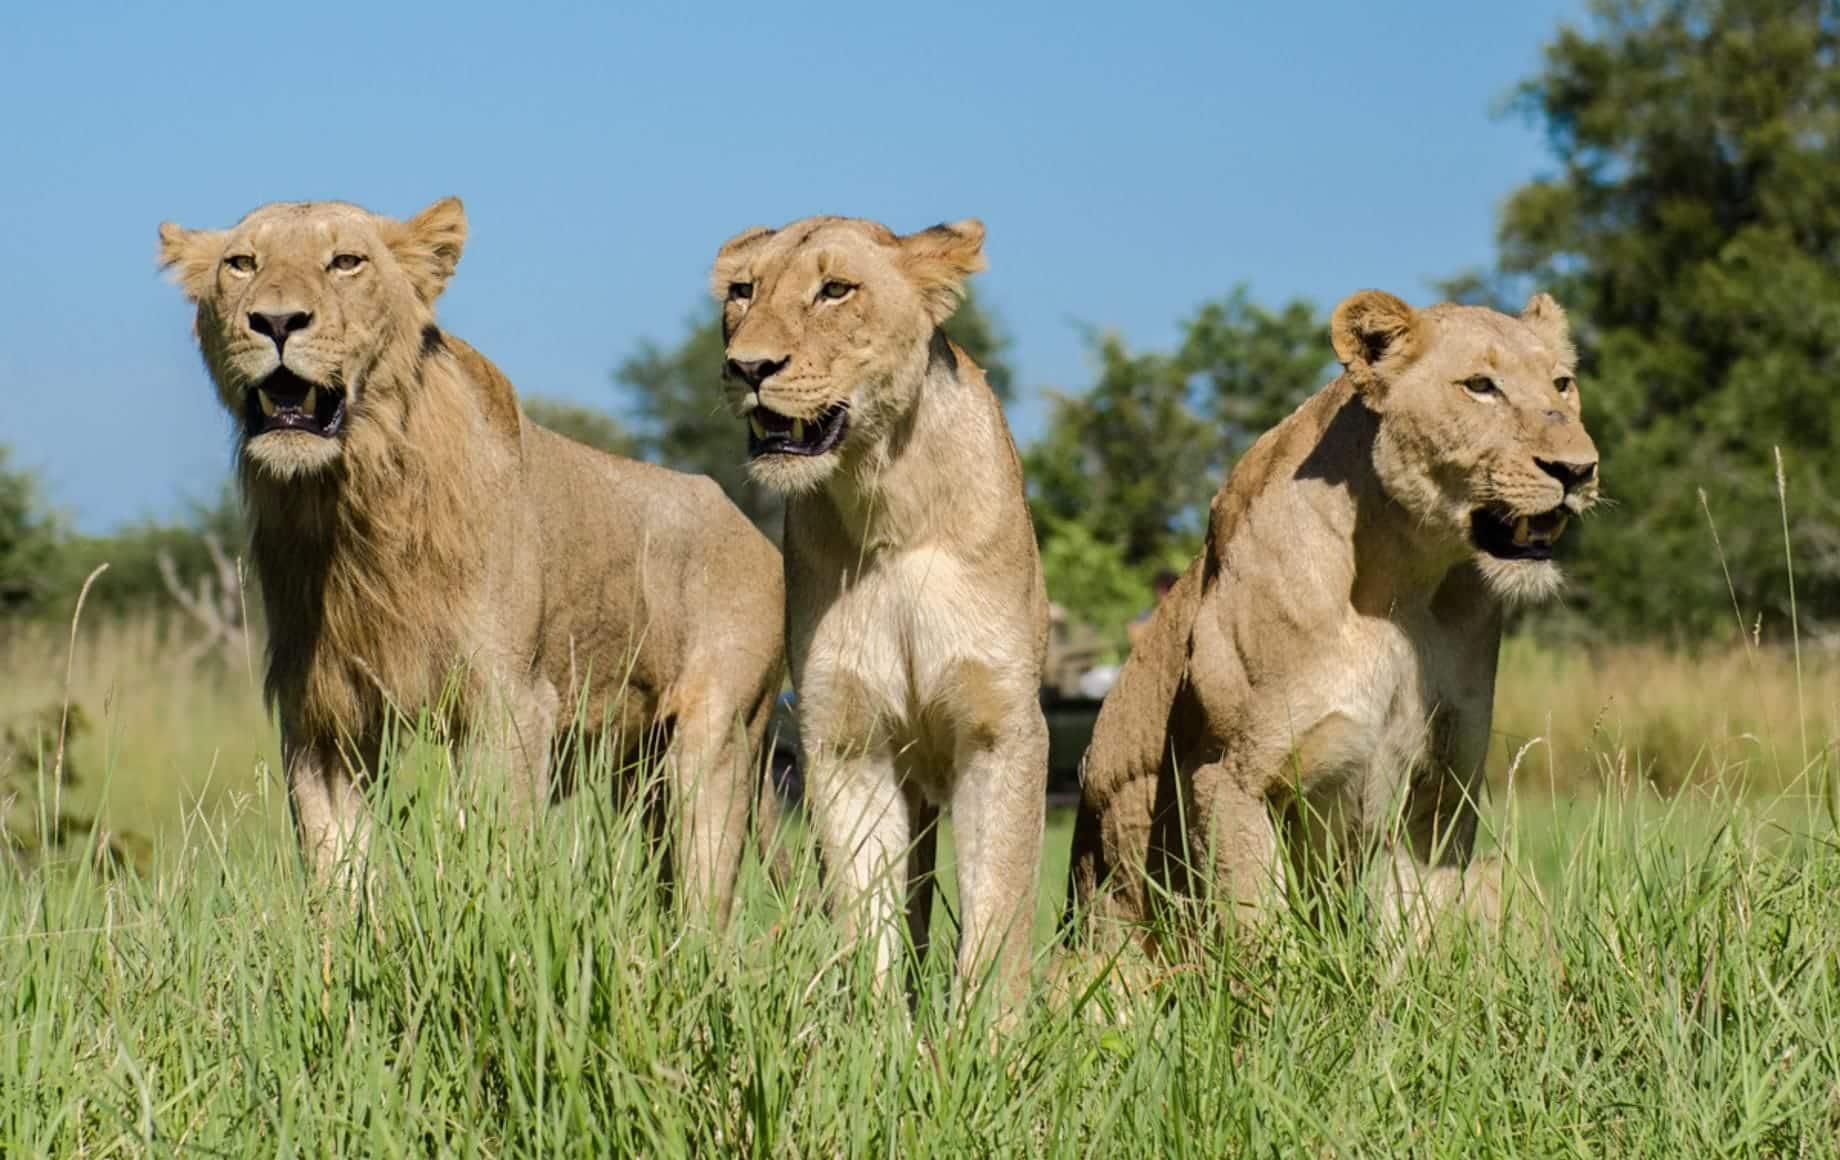 Glimpse of lion